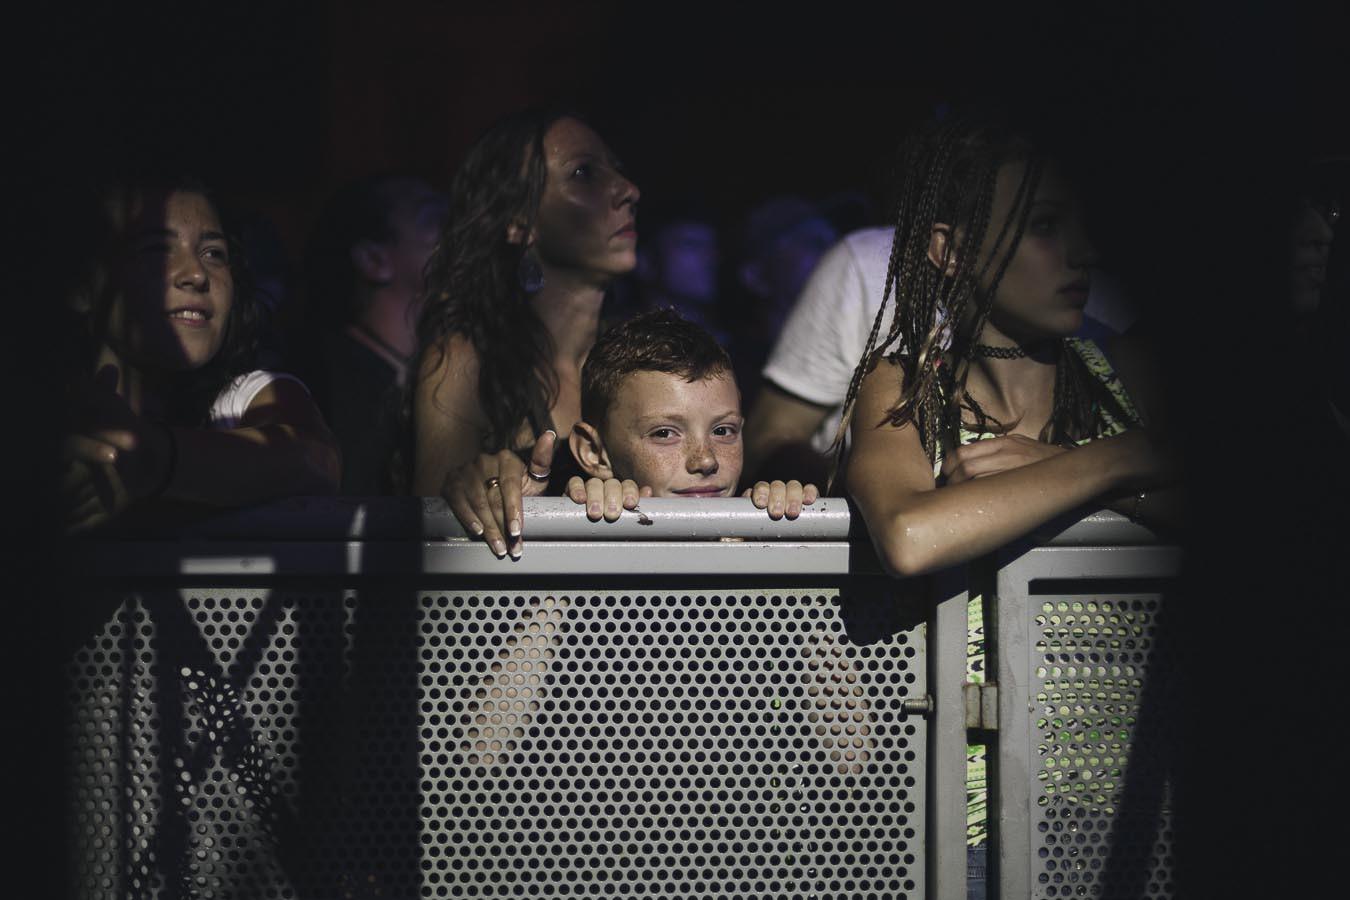 fotografo_eventi_concerti_festival_desio_tittoni_foto_marco_reggi_160